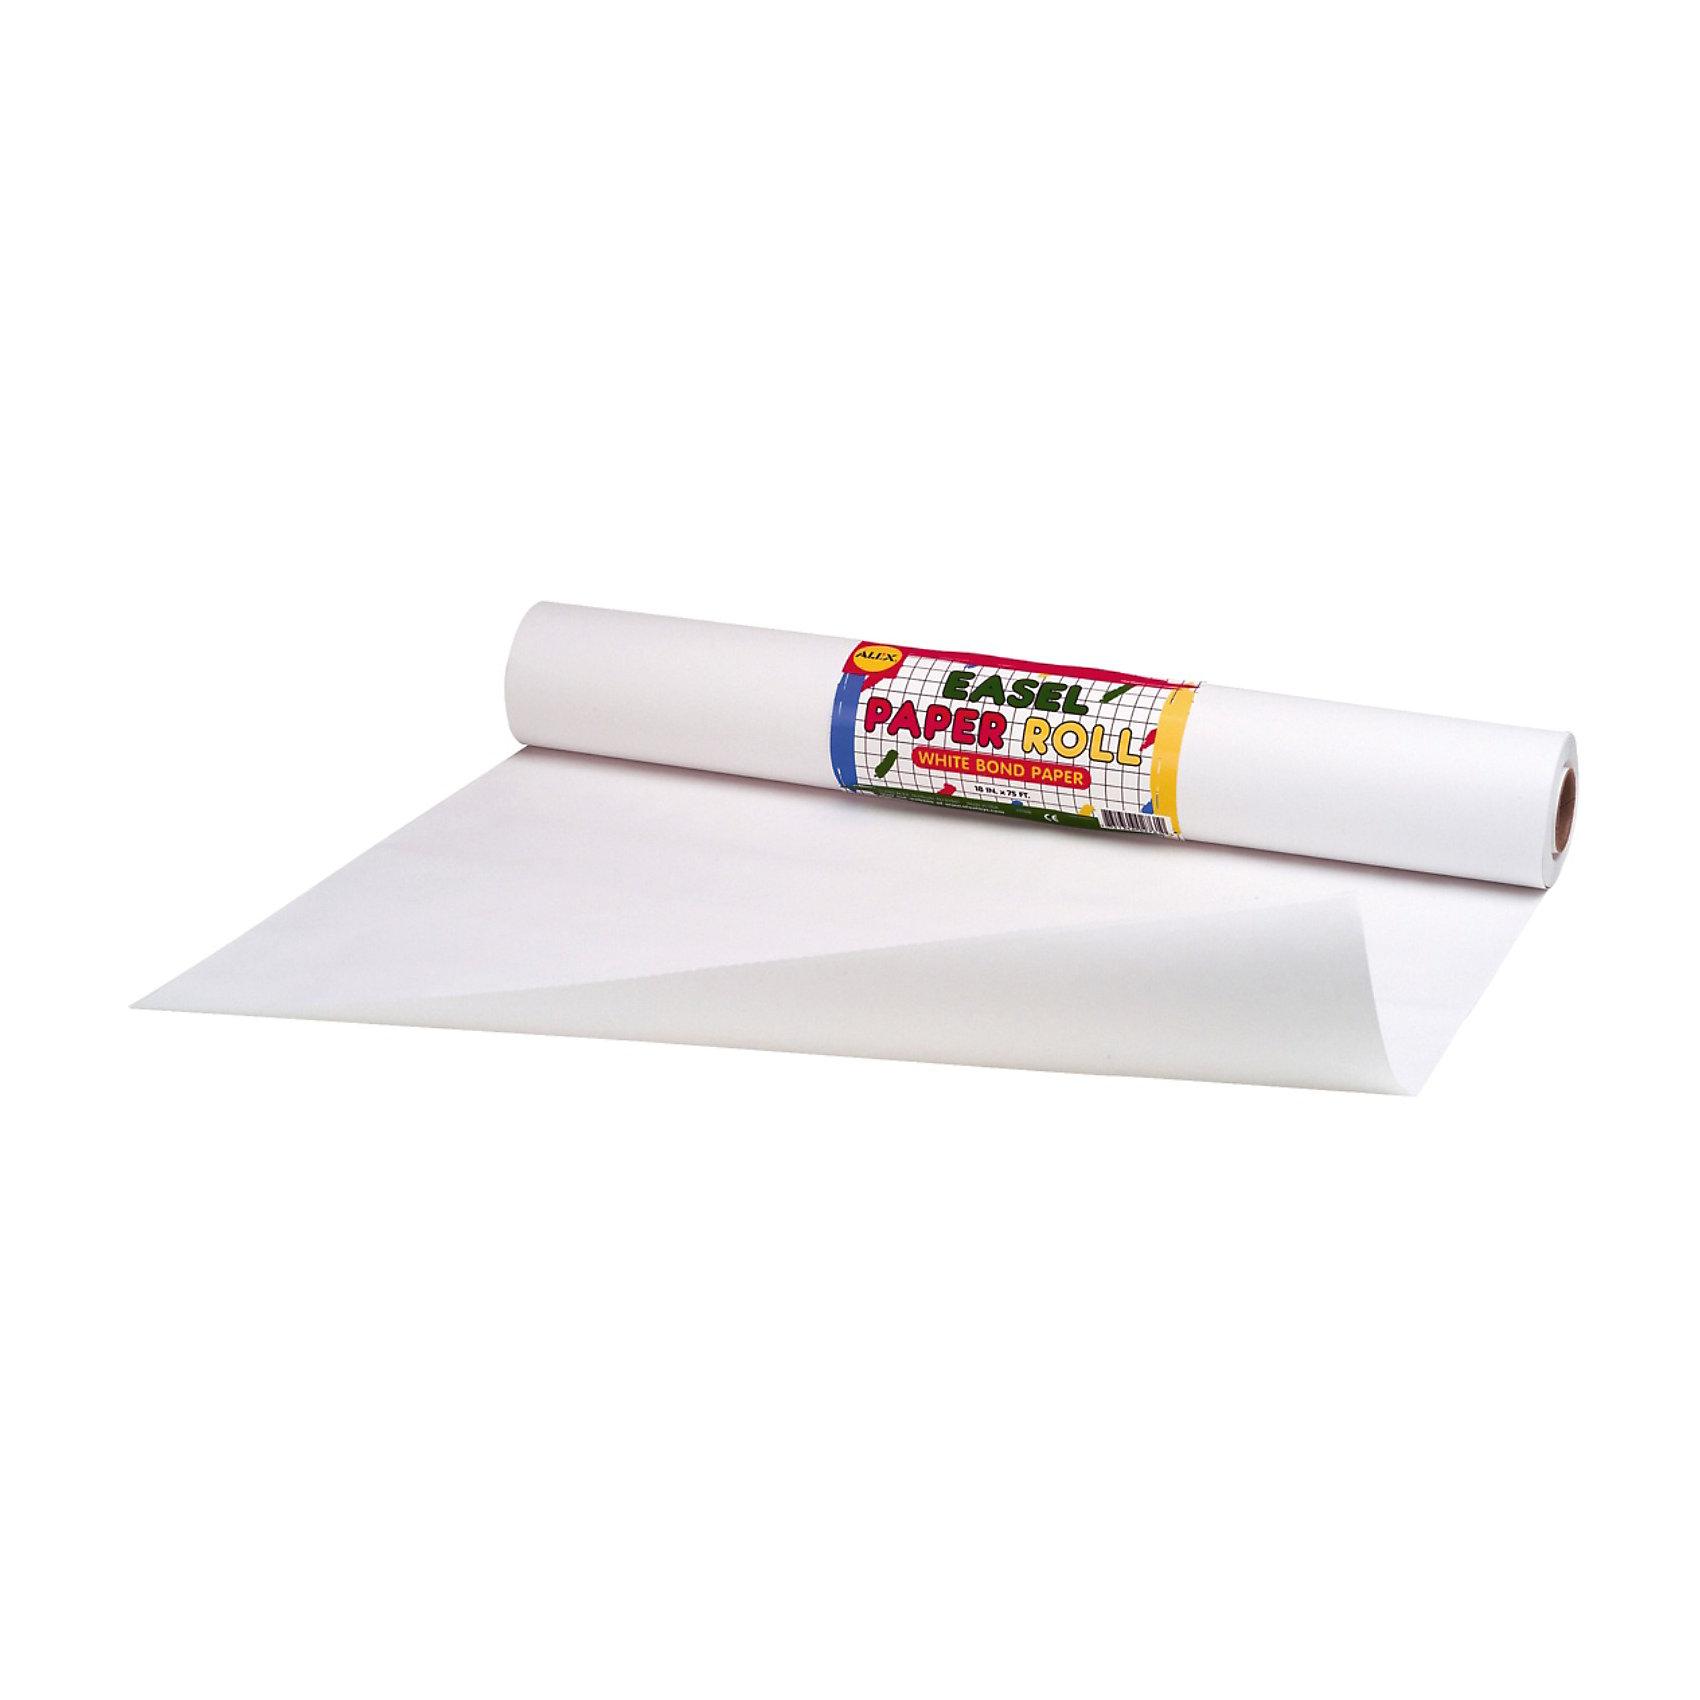 Белая бумага  для мольбертов и столов для творчества, в рулоне 45см х  30 м, AlexБелая бумага  для мольбертов и столов для творчества удобна для занятий творчеством и математикой. Юные художники и фантазеры смогут подолгу рисовать все, что душе угодно на своих мольбертах досках для рисования и развивающих столиках.<br><br>Дополнительная информация:<br><br>- рулон длиной 30 м, шириной 45 см<br>- вес с упаковкой: 800 гр. <br>- размер упаковки : 46?7?7 см.<br><br>Белую бумагу  для мольбертов и столов для творчества в рулоне 45см х  30 м Alex (Алекс) можно купить в нашем магазине.<br><br>Ширина мм: 460<br>Глубина мм: 70<br>Высота мм: 70<br>Вес г: 800<br>Возраст от месяцев: 36<br>Возраст до месяцев: 108<br>Пол: Унисекс<br>Возраст: Детский<br>SKU: 3582868